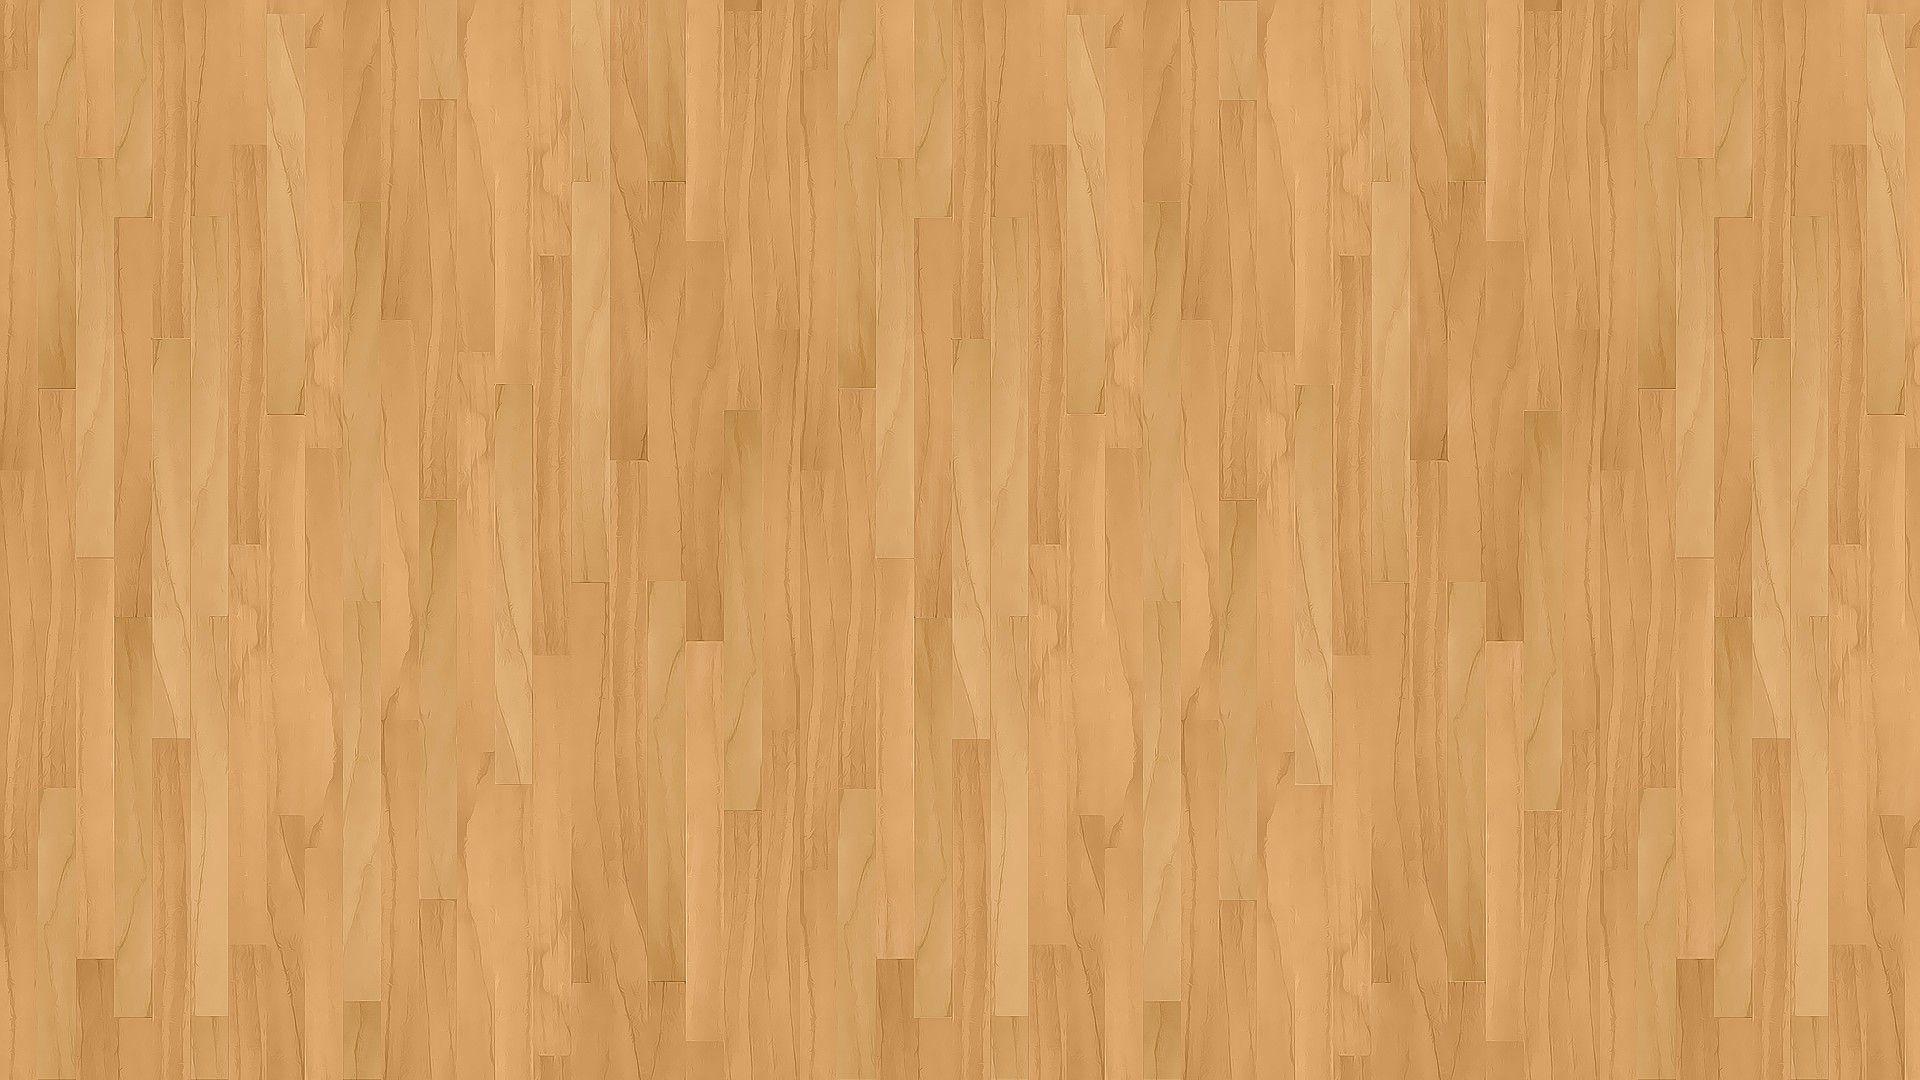 50 Mahogany Wood Wallpapers   Download at WallpaperBro 1920x1080